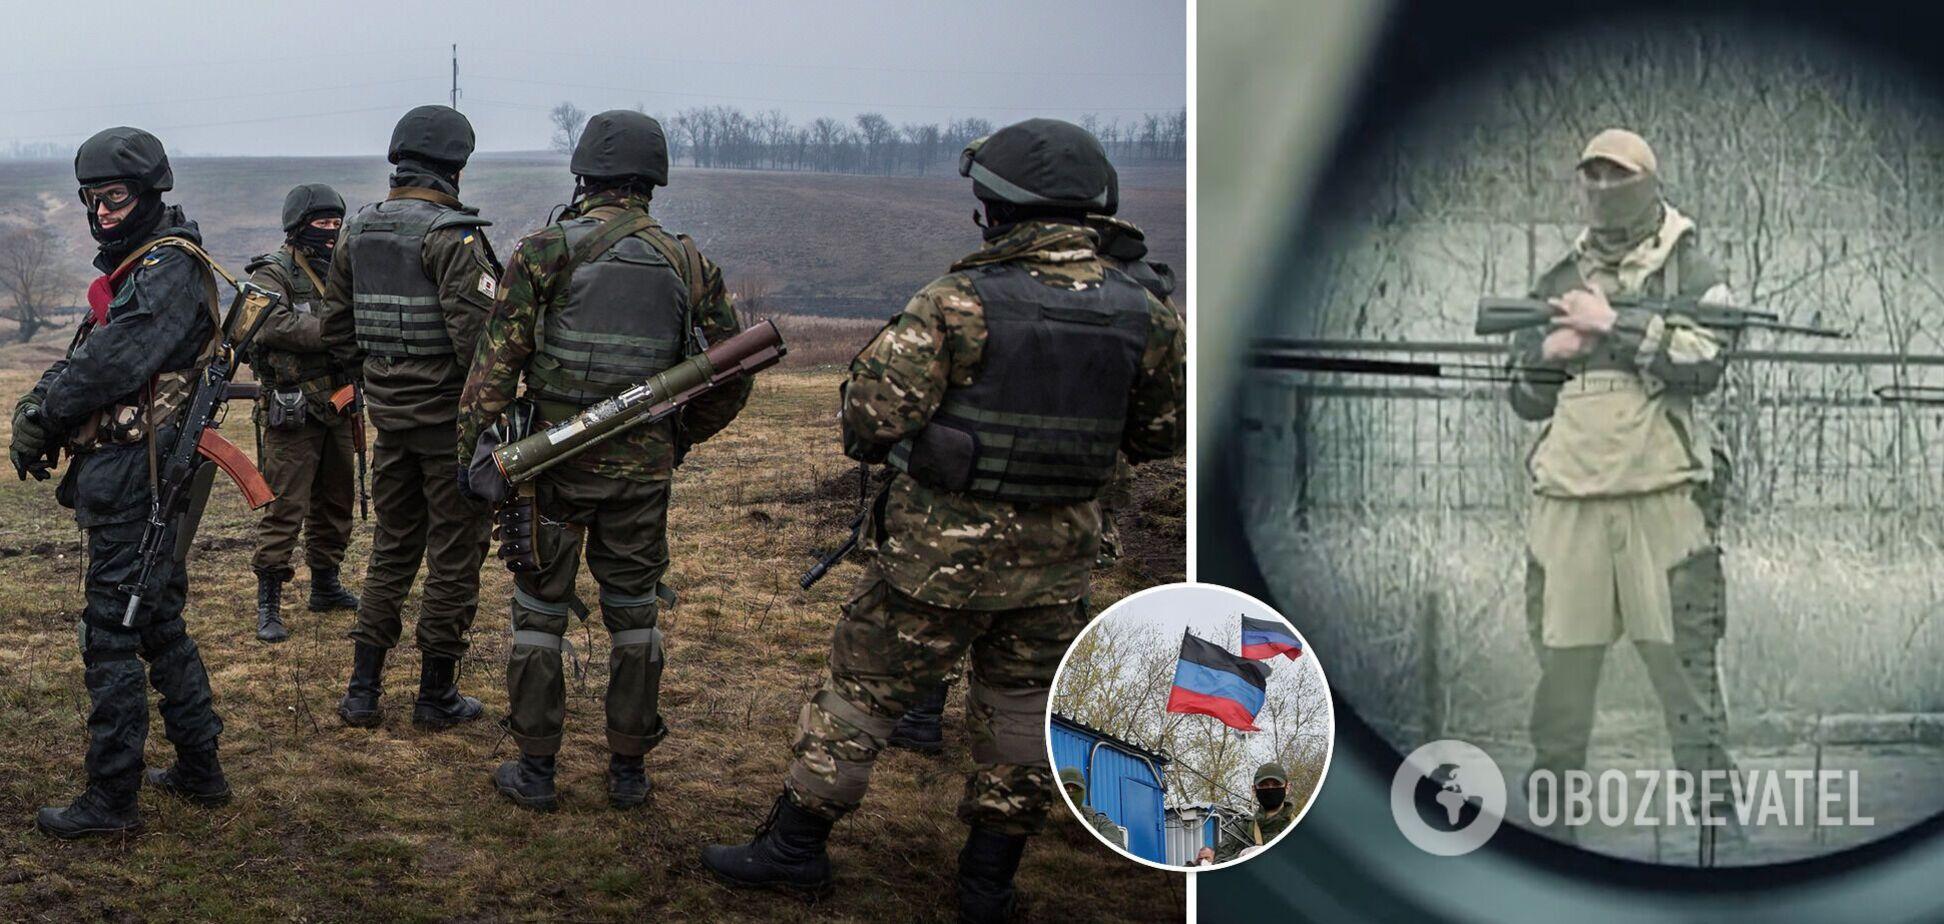 Проросійські терористи посилять обстріли на Донбасі до літа, вважає колишній український розвідник